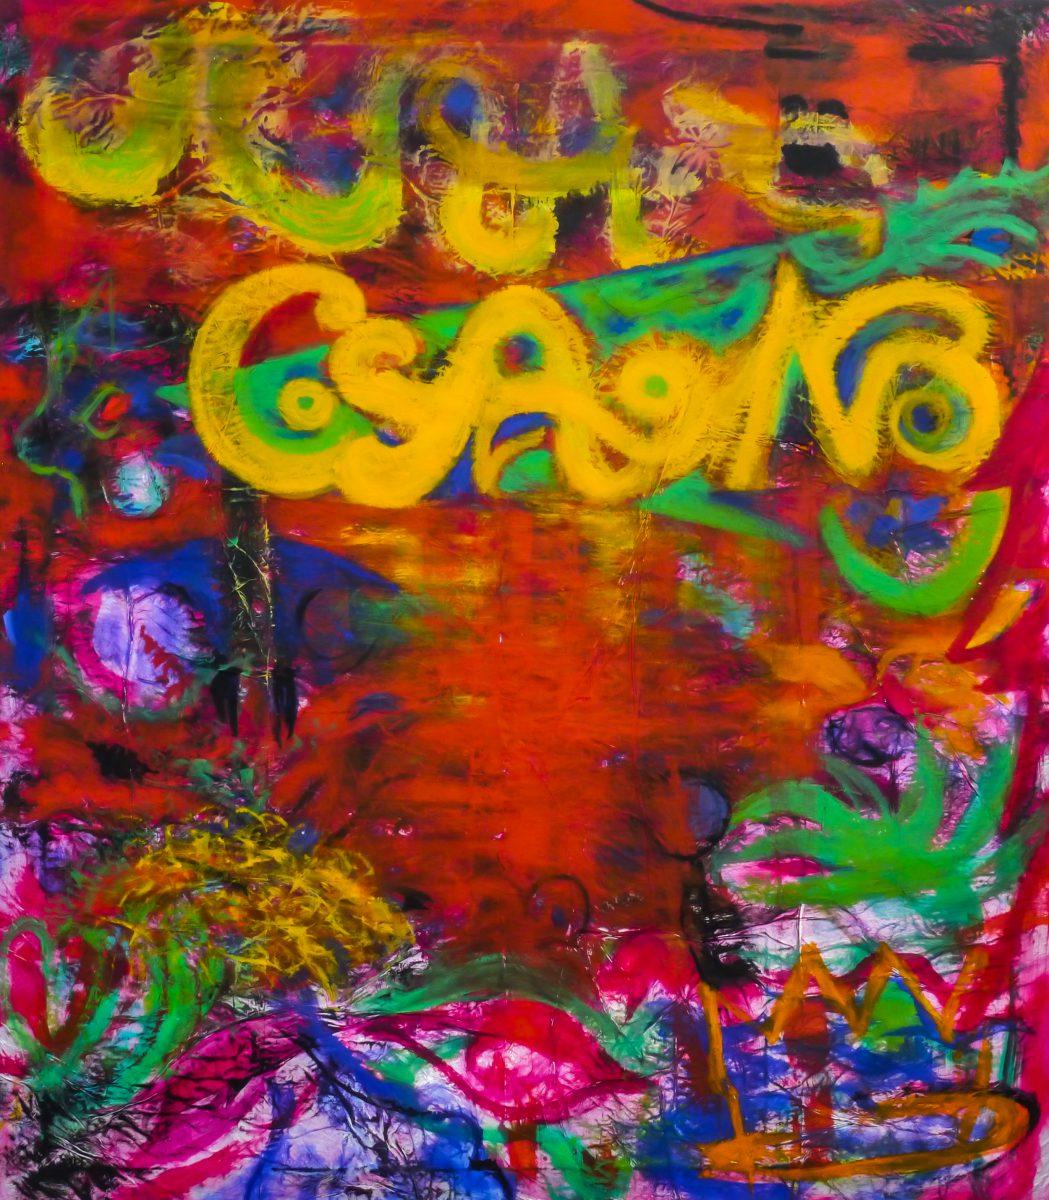 GSANG, Acryl auf Aluminium, 160 x 140 cm, 2018